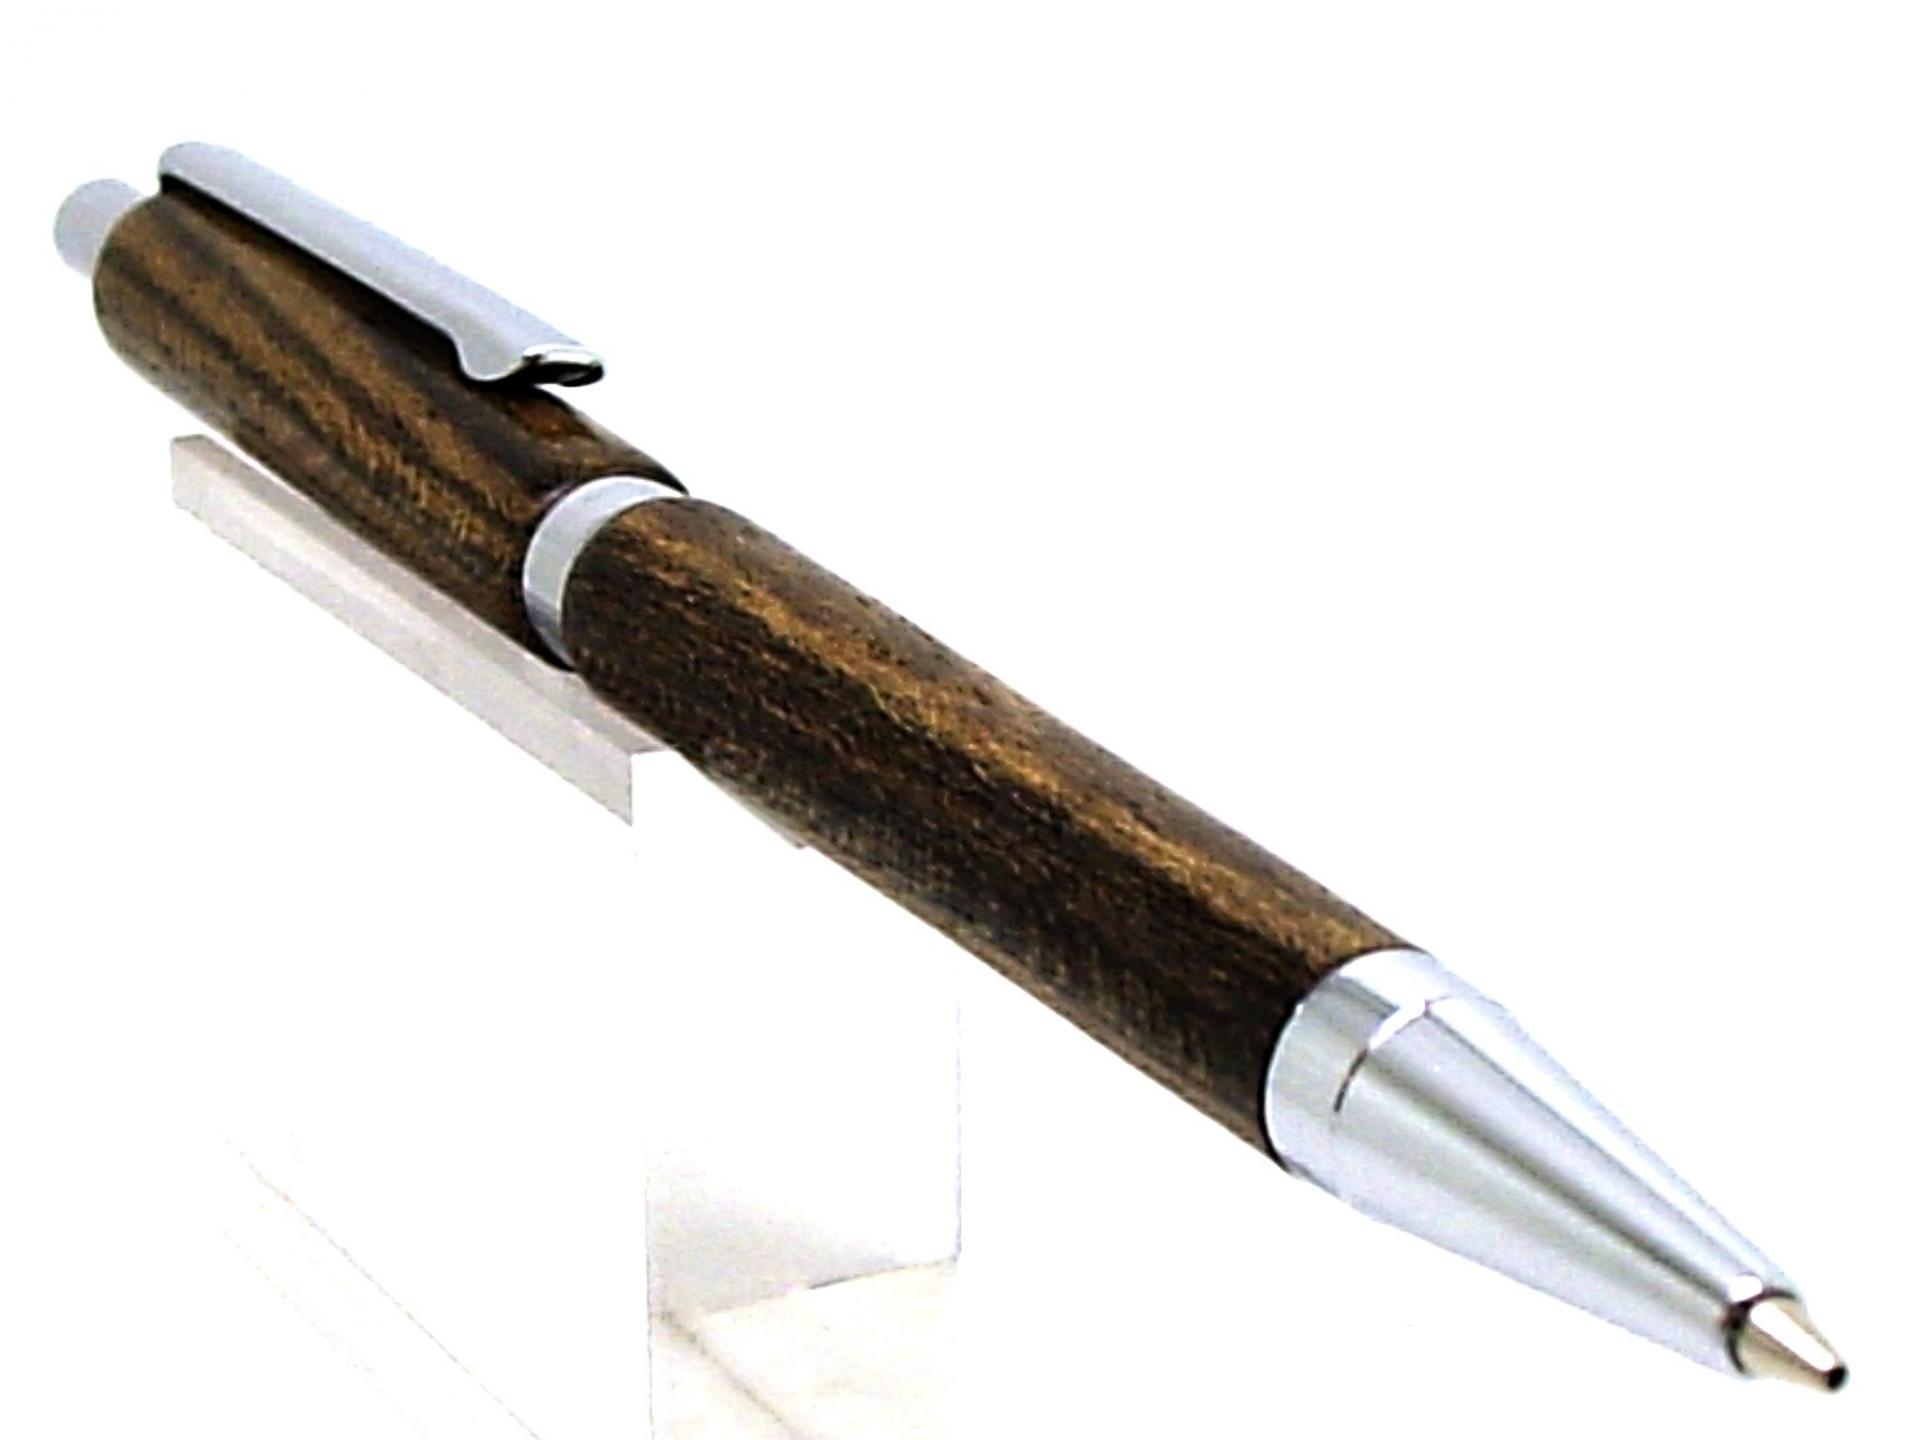 Porte mine 0 7 mm en bois pr cieux artisanat d 39 art fran ais for Porte mine 0 5